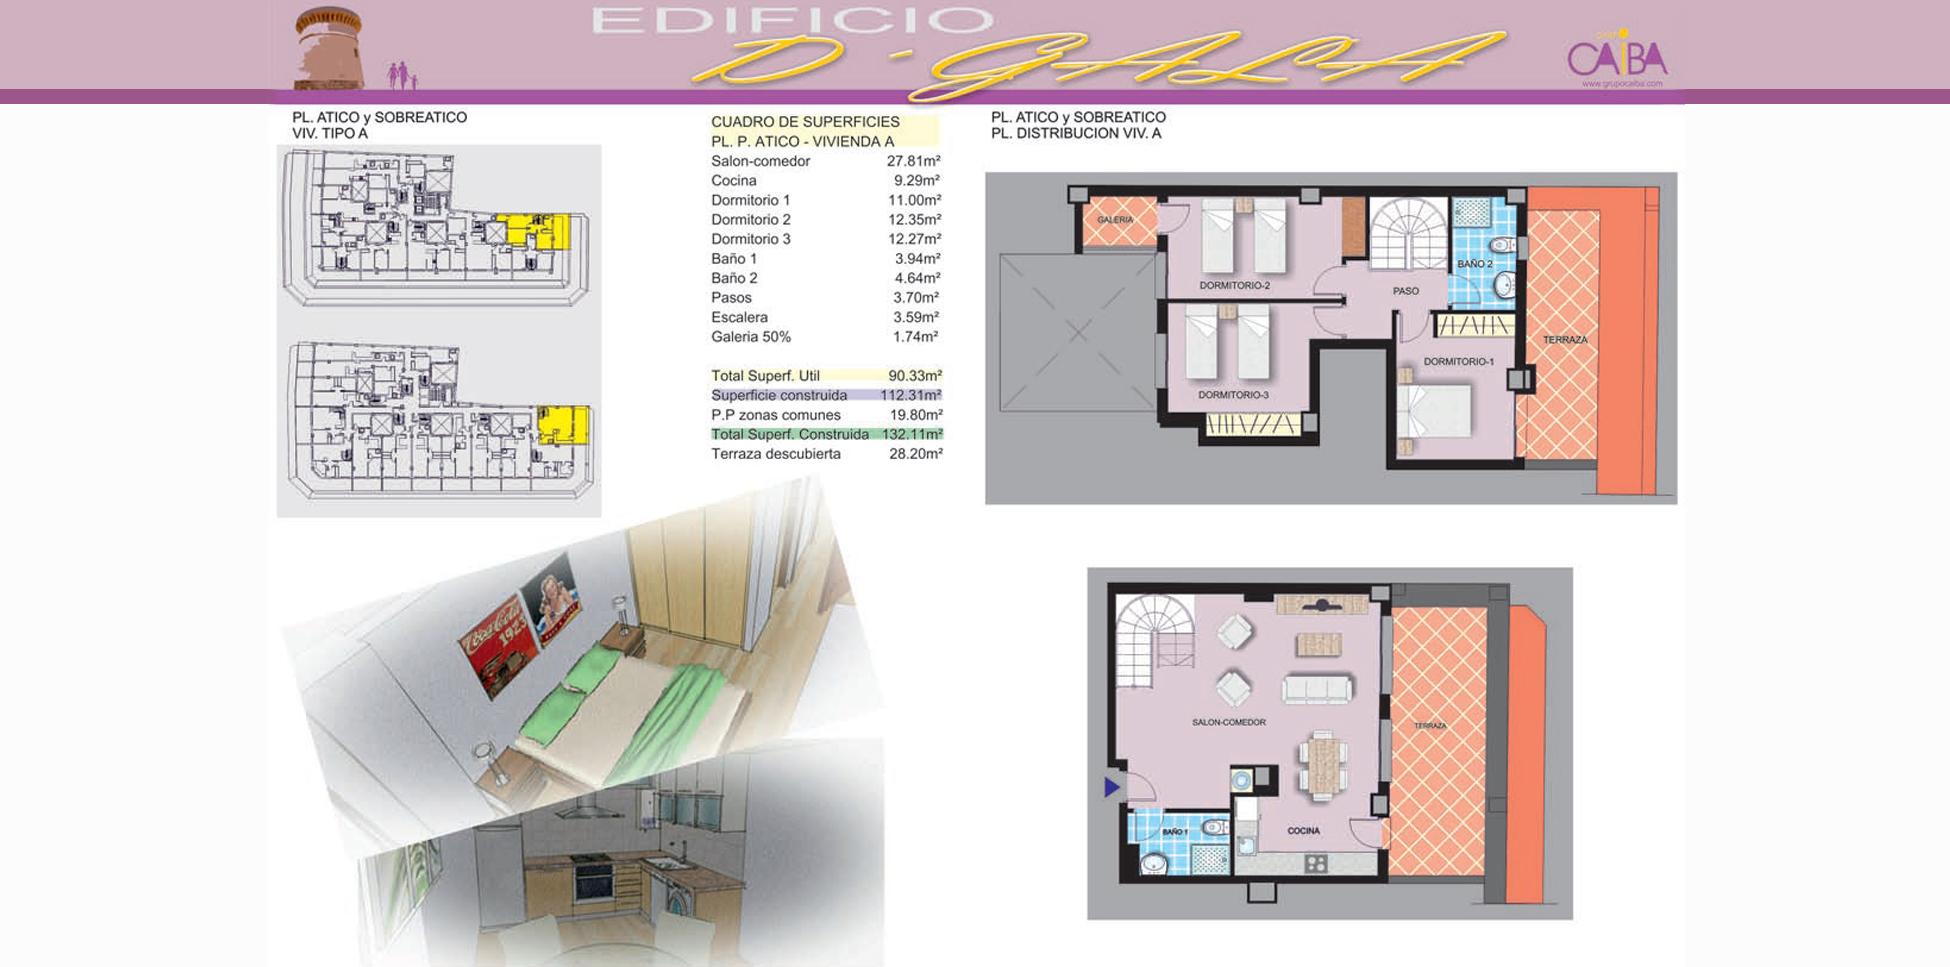 Edificio D'Gala - El Campello. Plano de ático y sobreático